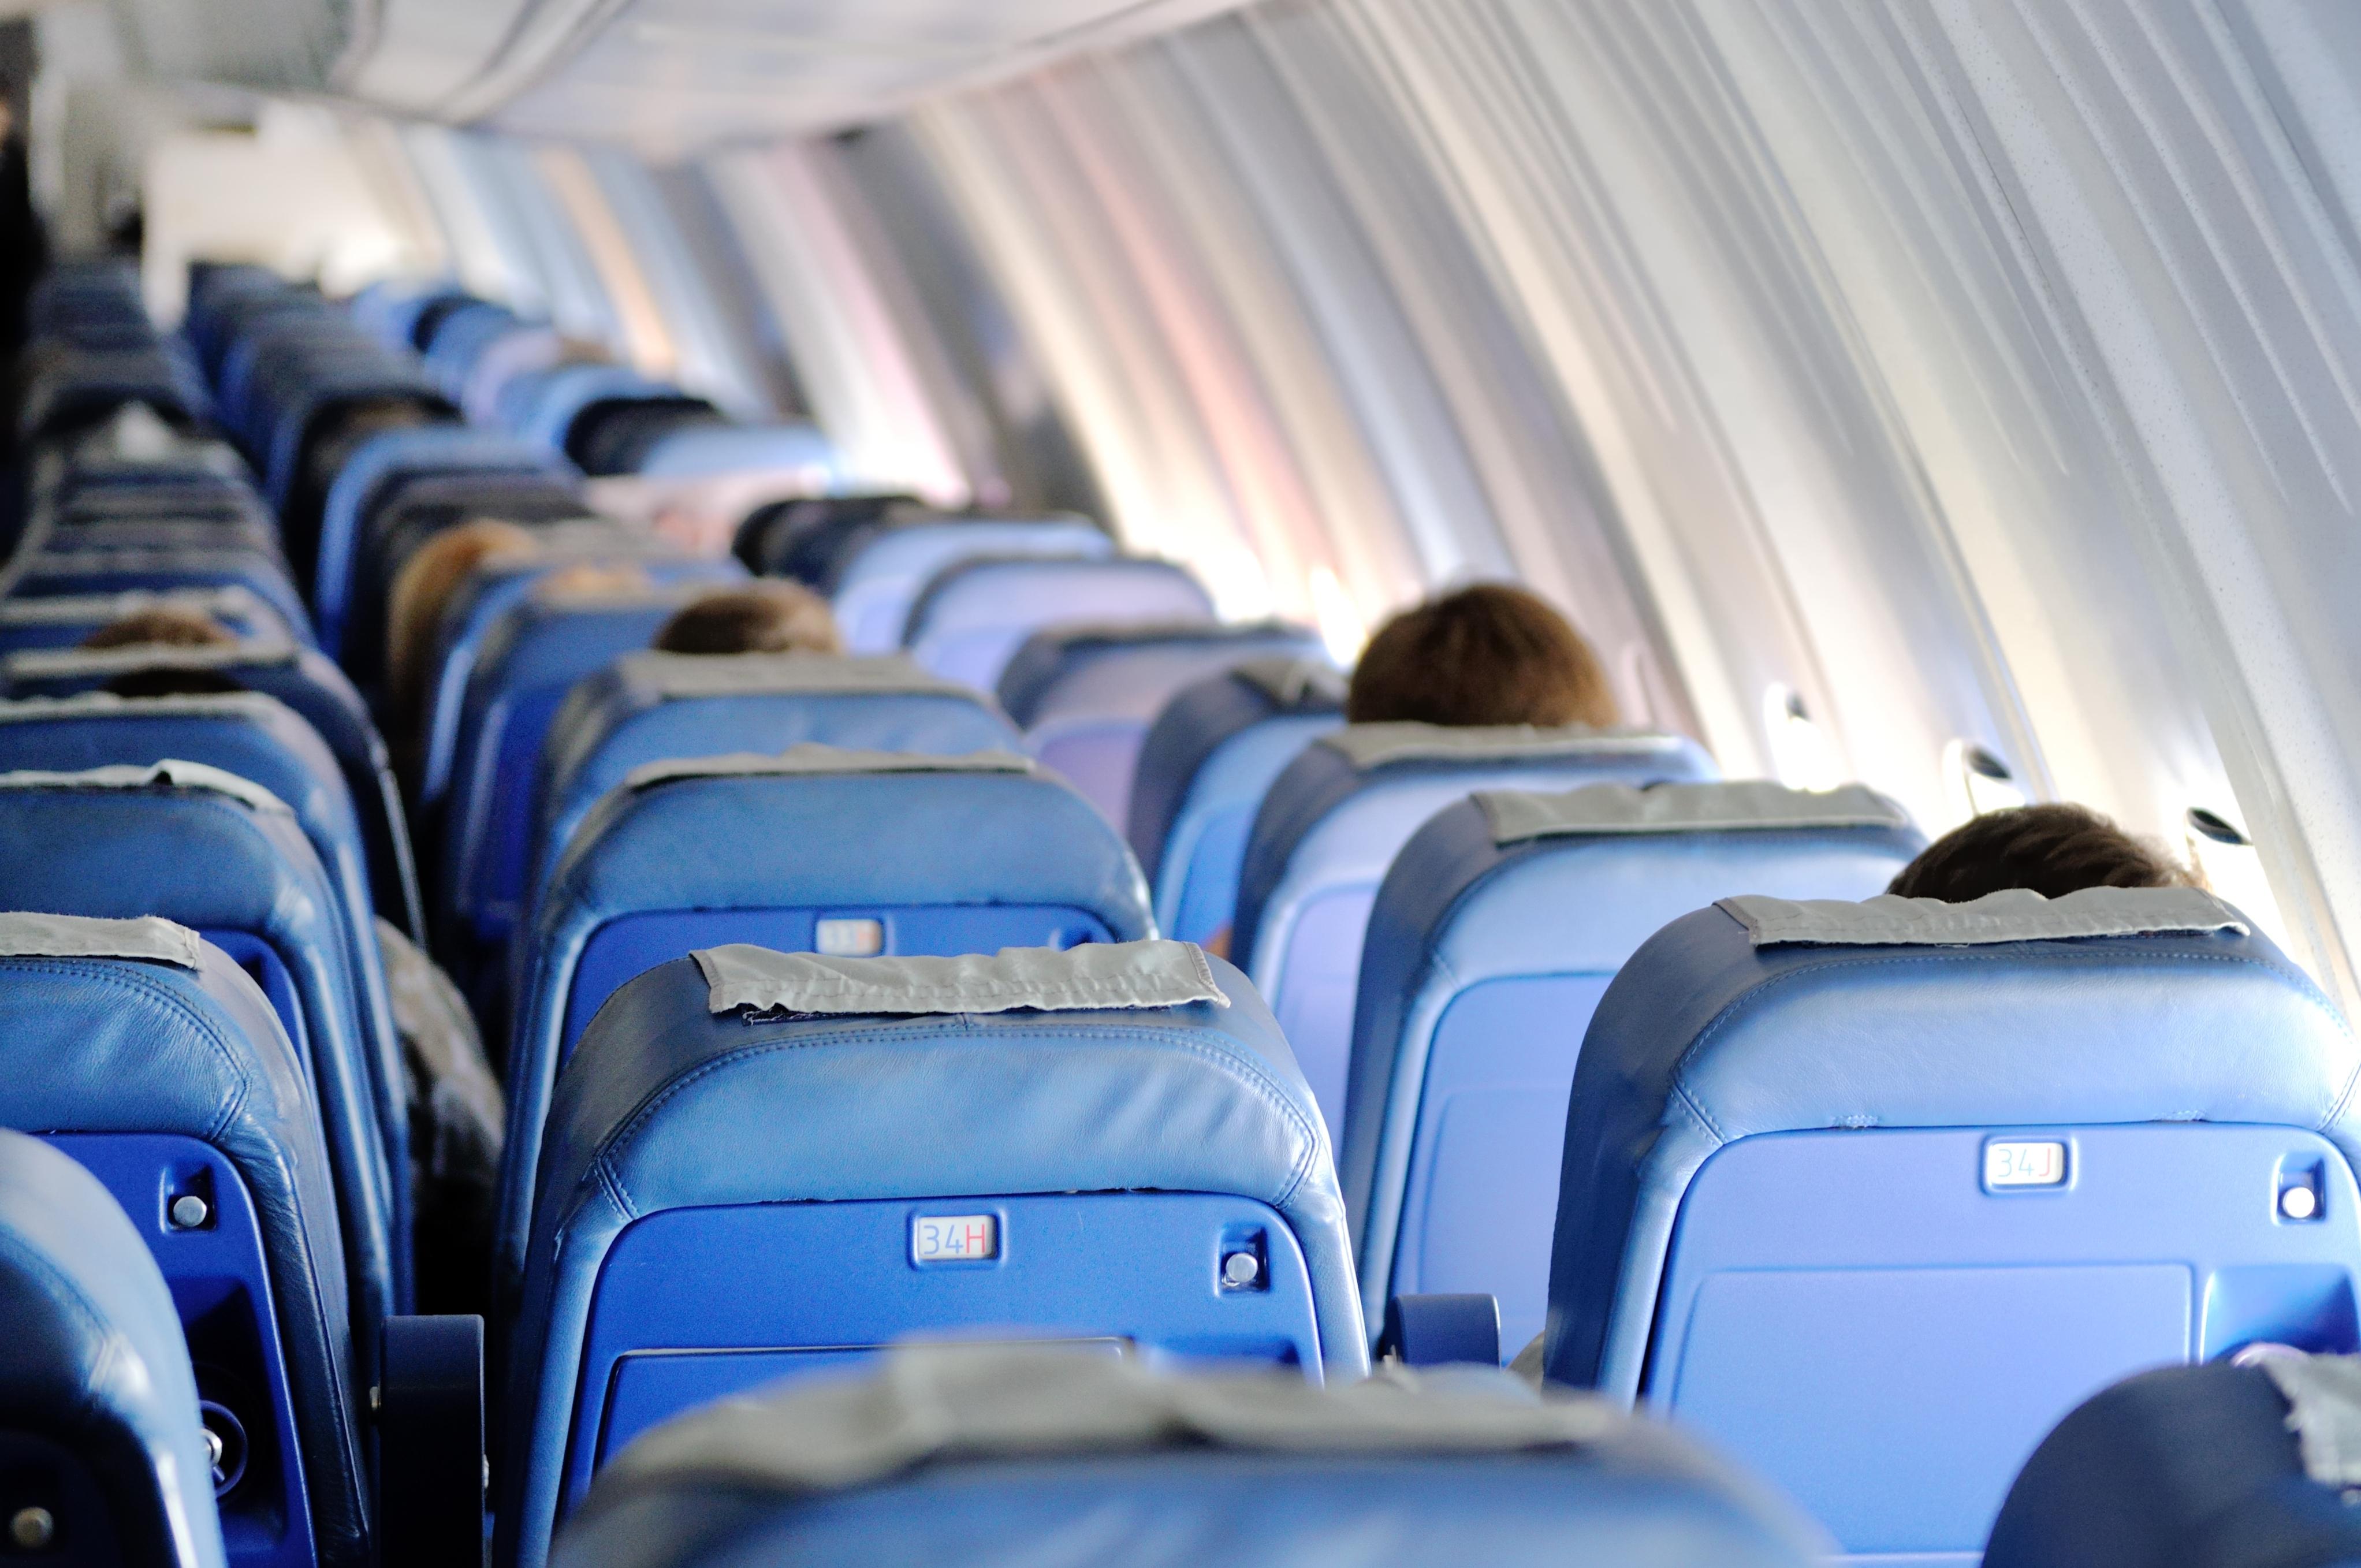 Европейские страны изменили правила для авиапассажиров из-за пандемии